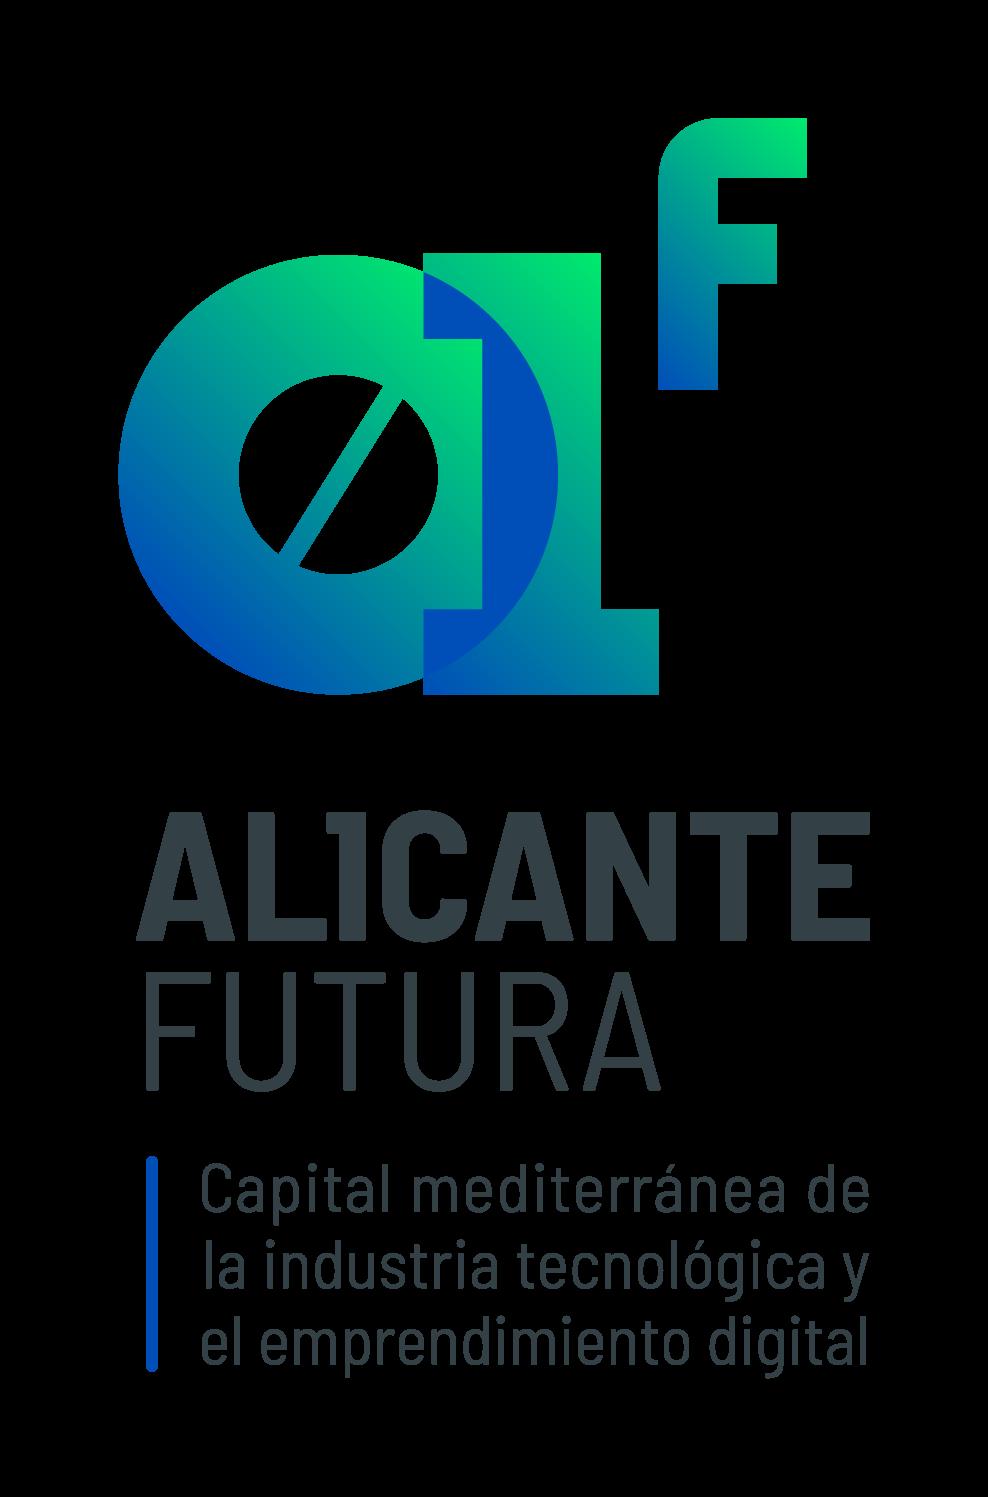 Alicante Futura